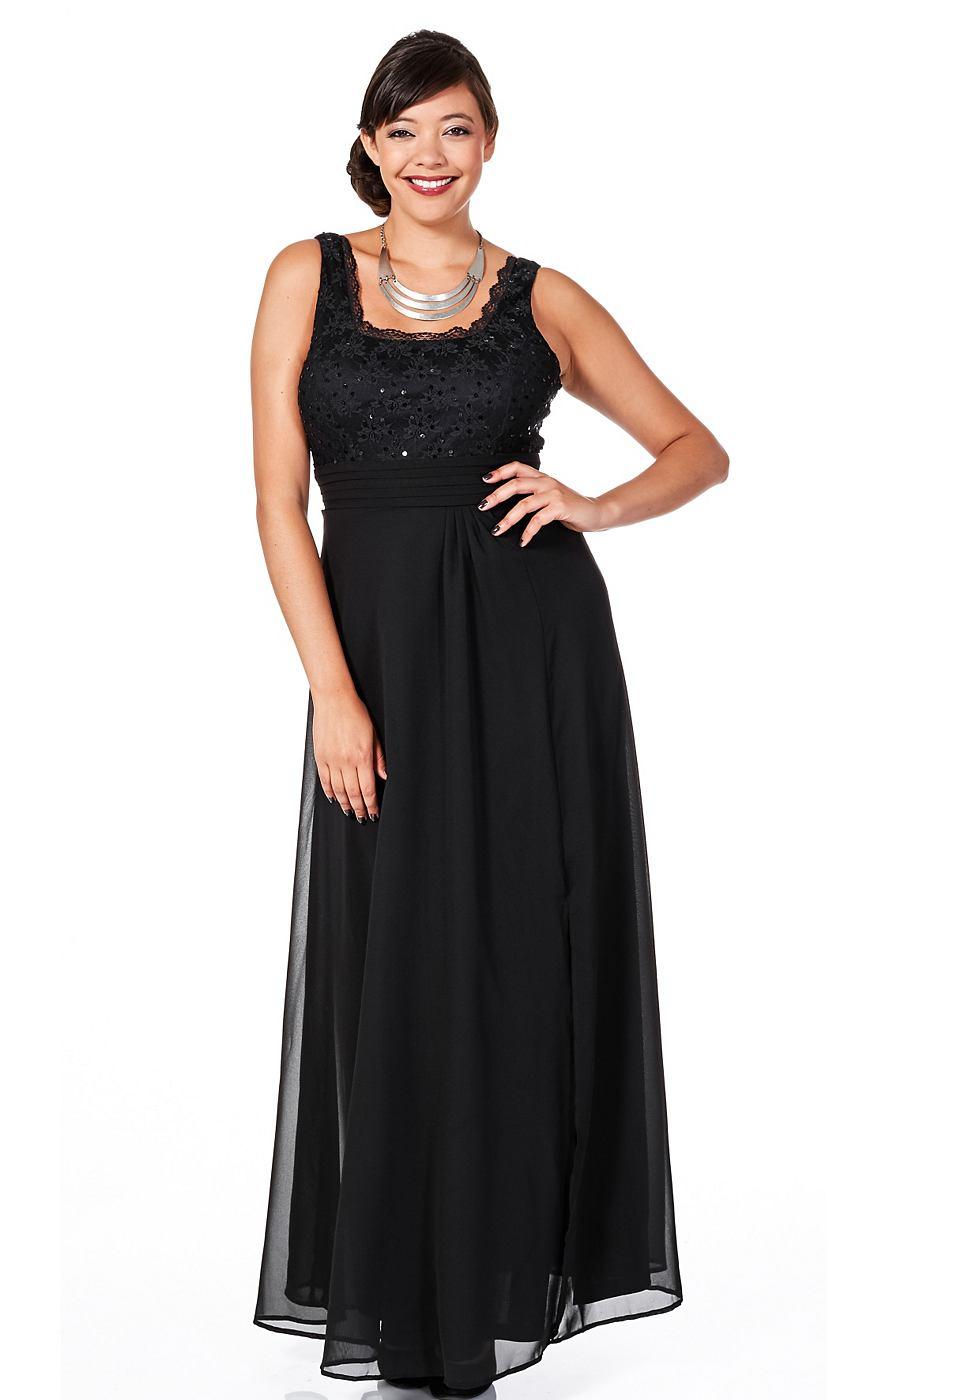 Sheego Style jurk met lijfje van kant zwart